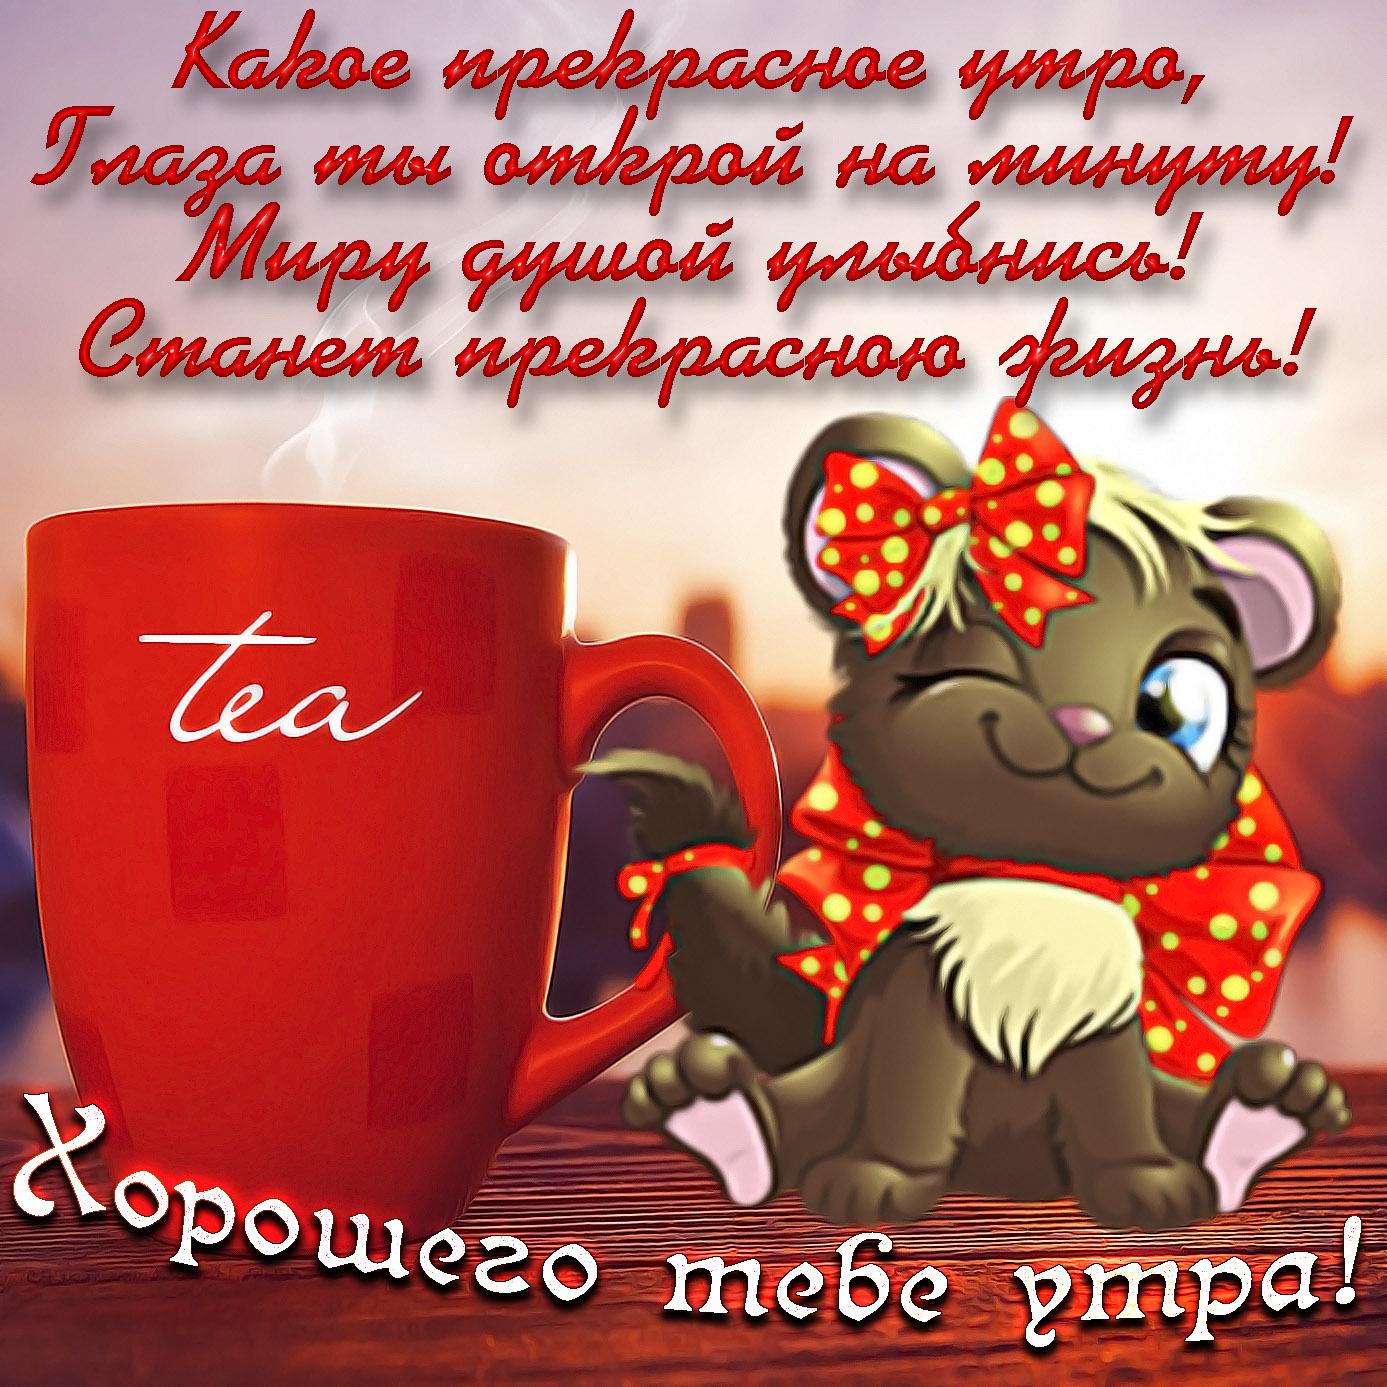 Картинка с чашкой чая и пожеланием хорошего утра